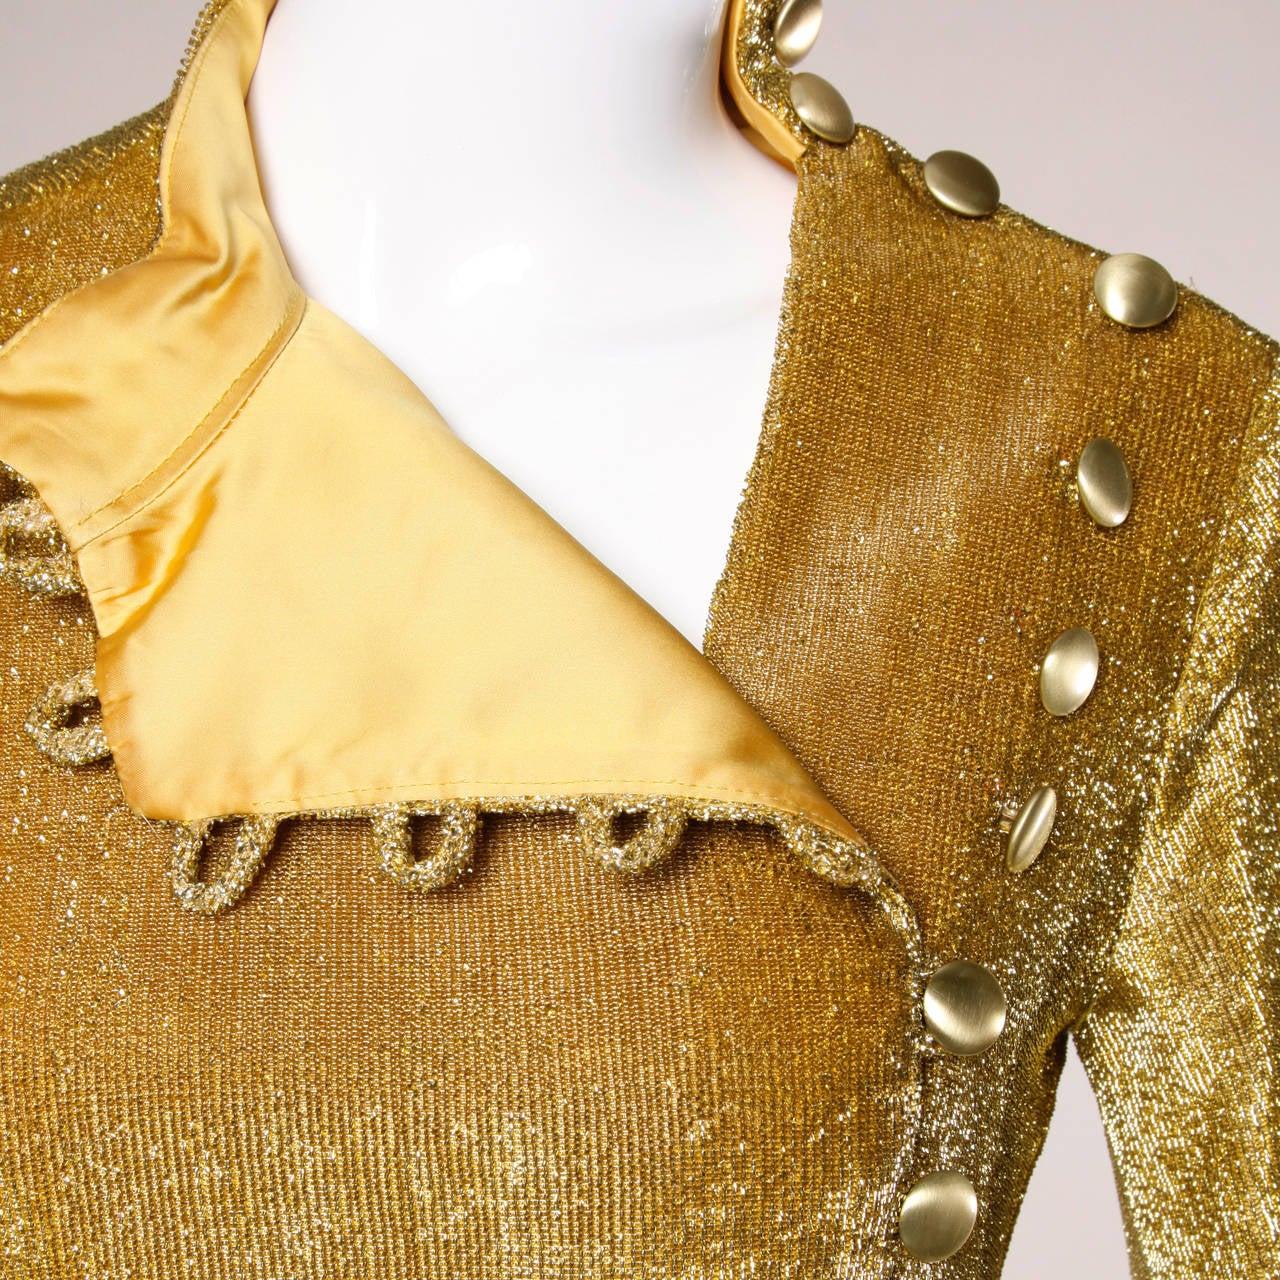 Mr. Mort Vintage 1960s Metallic Gold Lurex Coat Dress For Sale 3